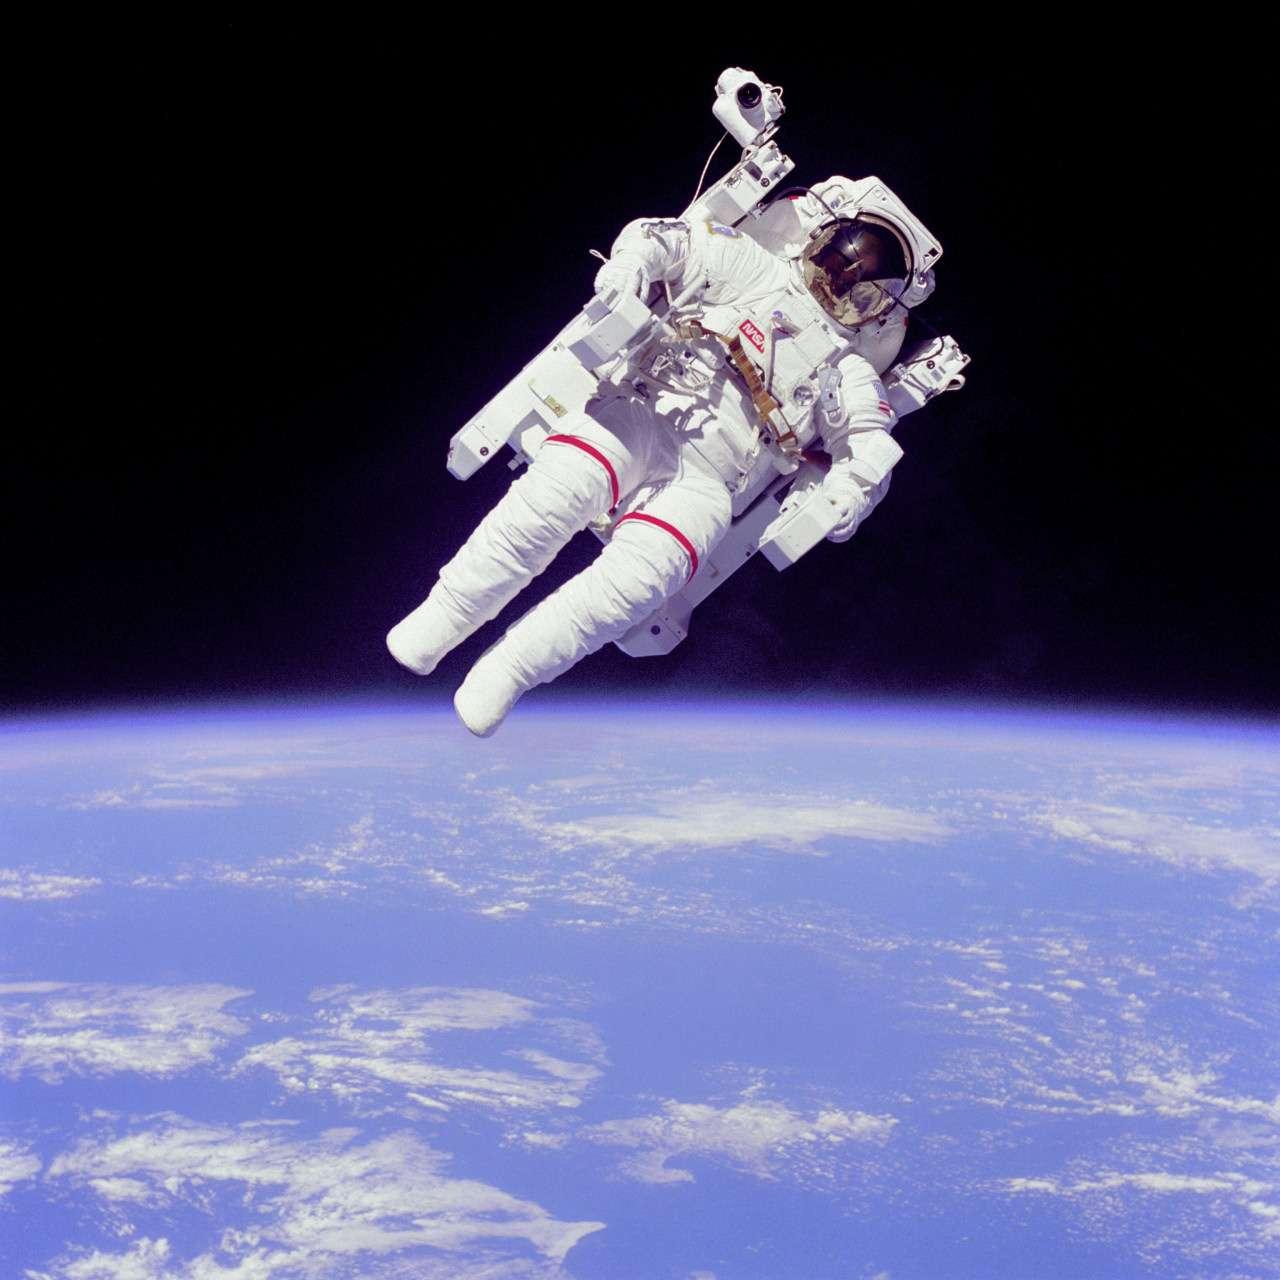 Le corps humain pourrait ne pas apprécier d'être plongé dans la microgravité, caractéristique des voyages dans l'espace. En effet, les cellules endothéliales vieillissent plus vite. En est-il de même pour d'autres tissus ? © Nasa